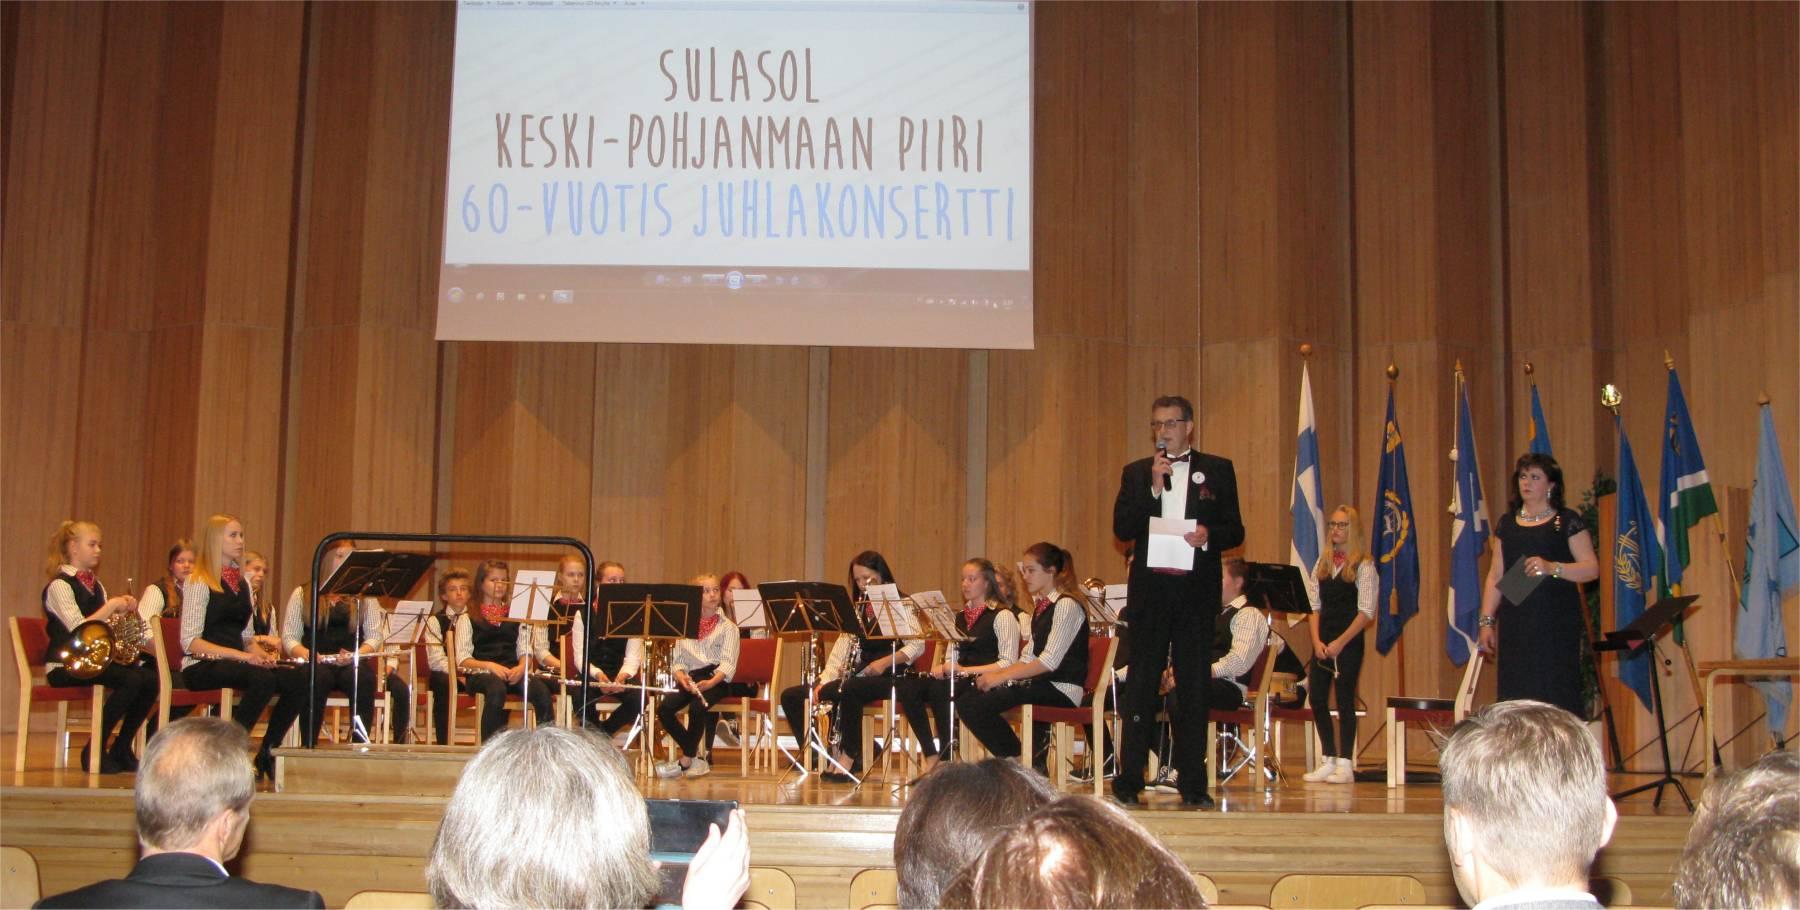 Sulasolin 60-vuotisjuhlat Kokkolassa